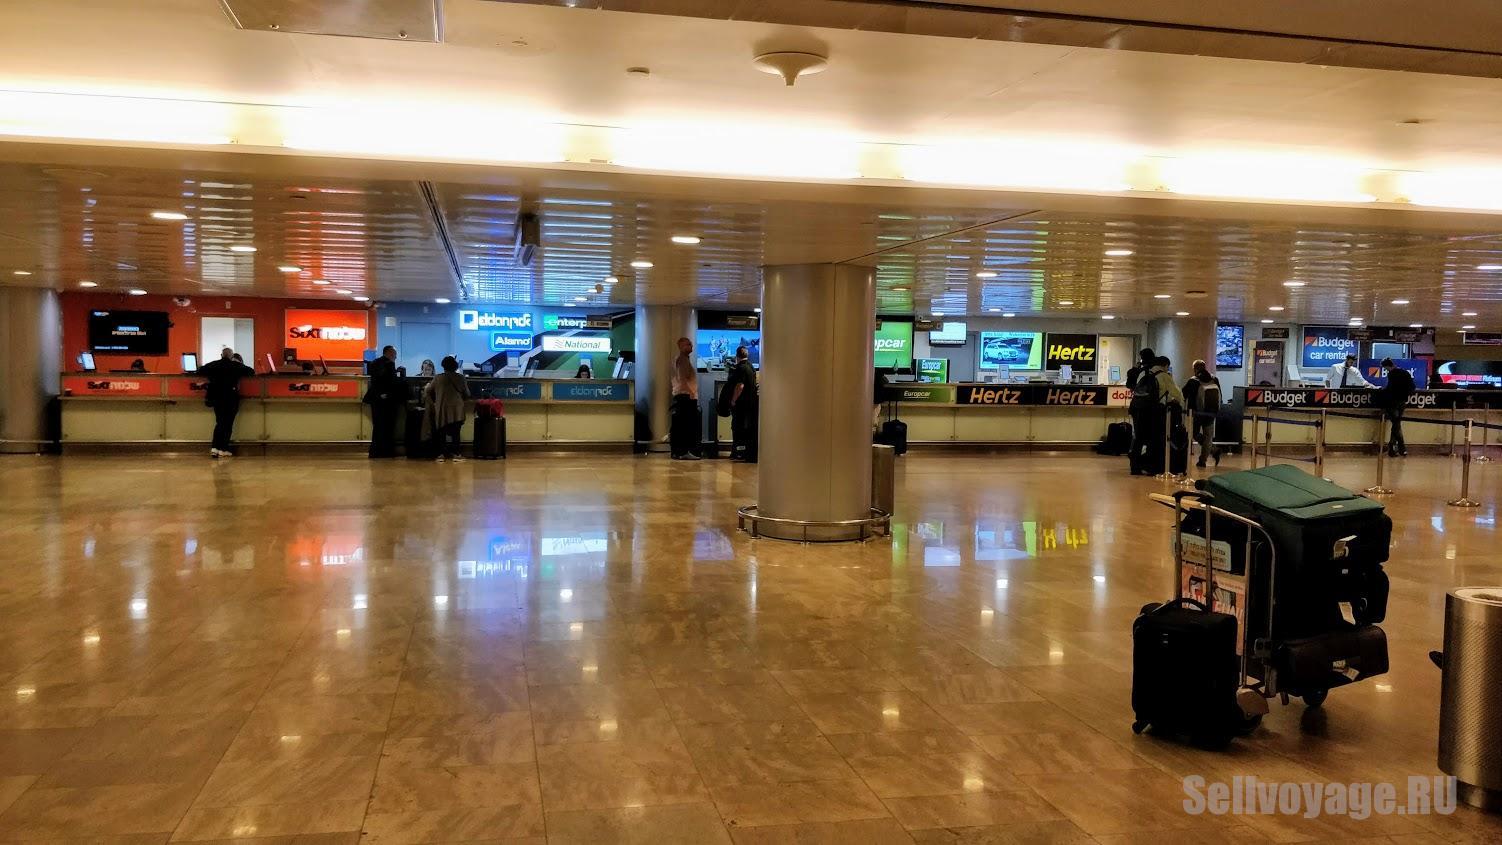 Прокатные конторы на втором этаже аэропорта Тель-Авива Бен Гурион